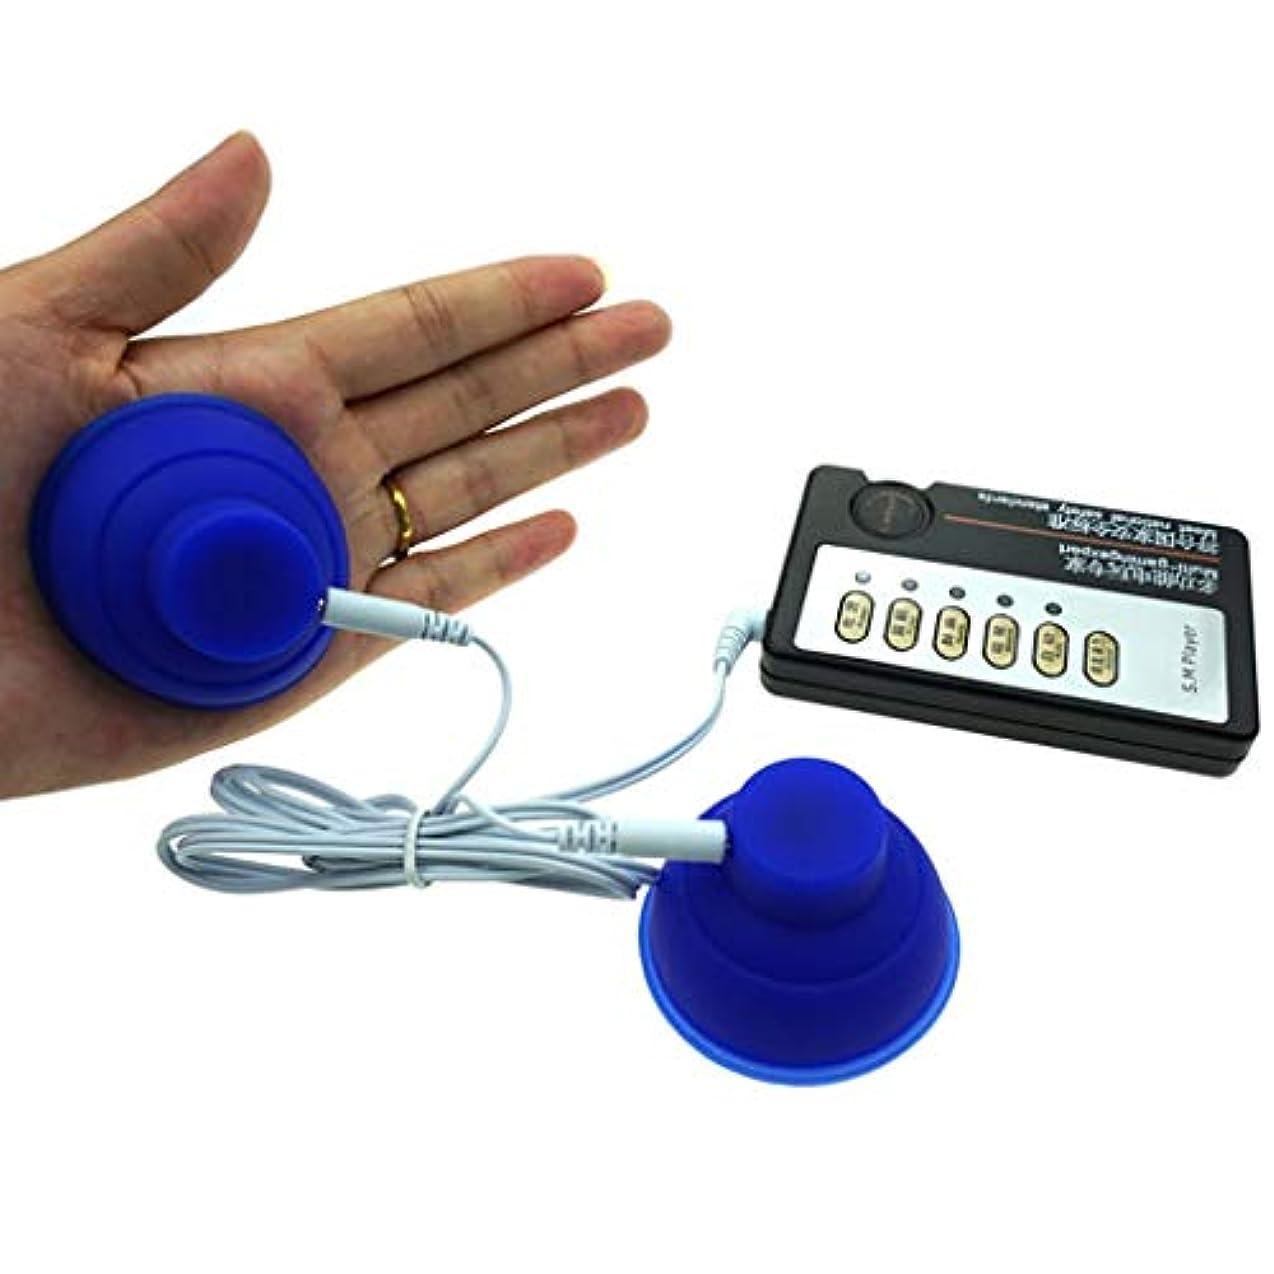 意図するリズミカルなサイズ電気刺激 大人のおもちゃ電気刺激性のおもちゃ、電気肛門プラグ、オルガスムオナニー - 電気ショックパルス療法 - マッサージ - 乳房ポンプ - カッピング